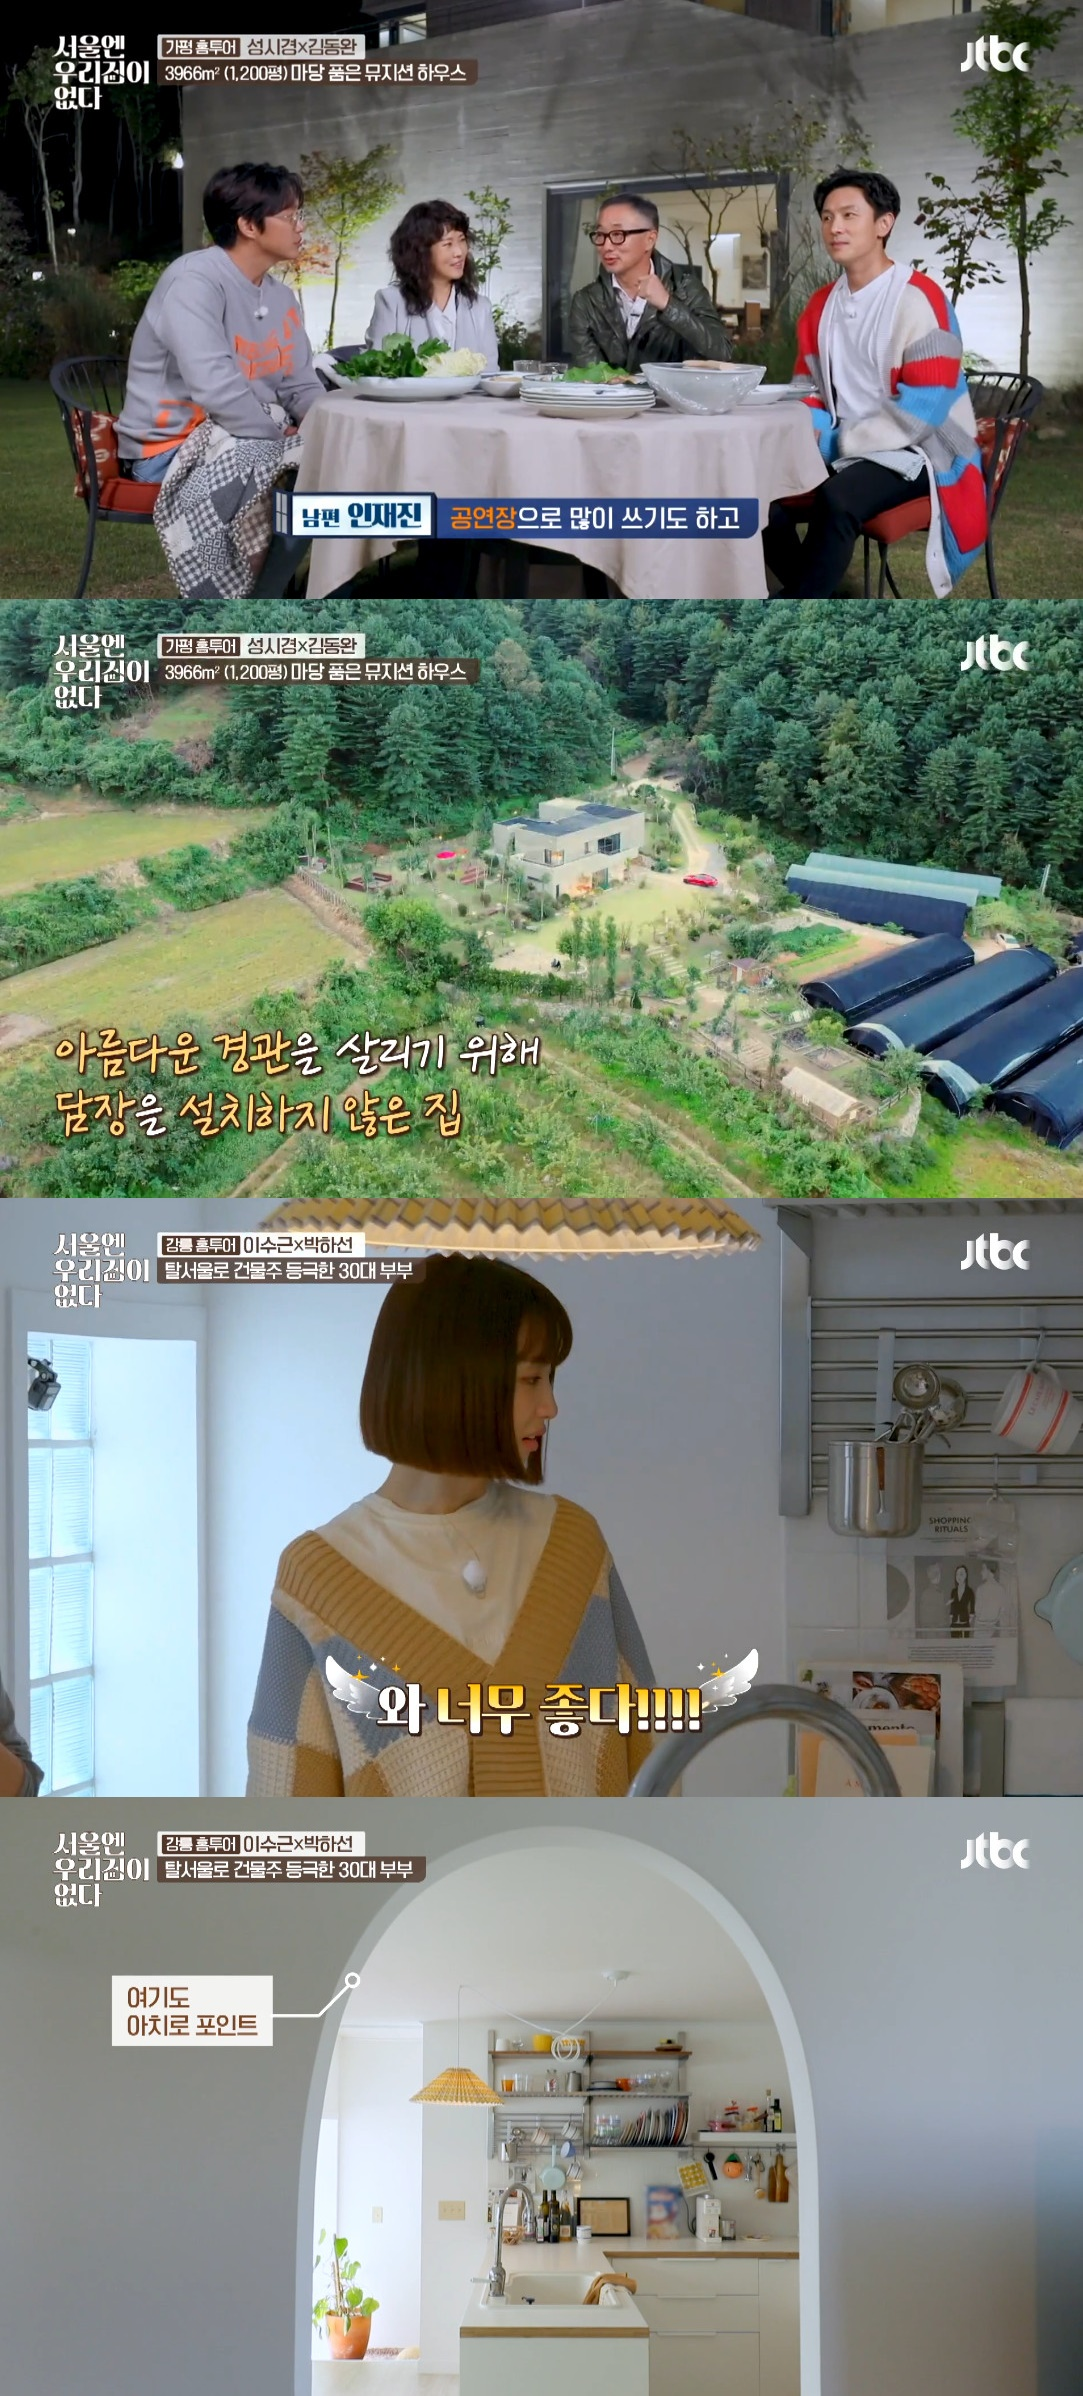 [TV톡] '현실' 지우고 '판타지'로 범벅한 '서울엔 우리집이 없다'